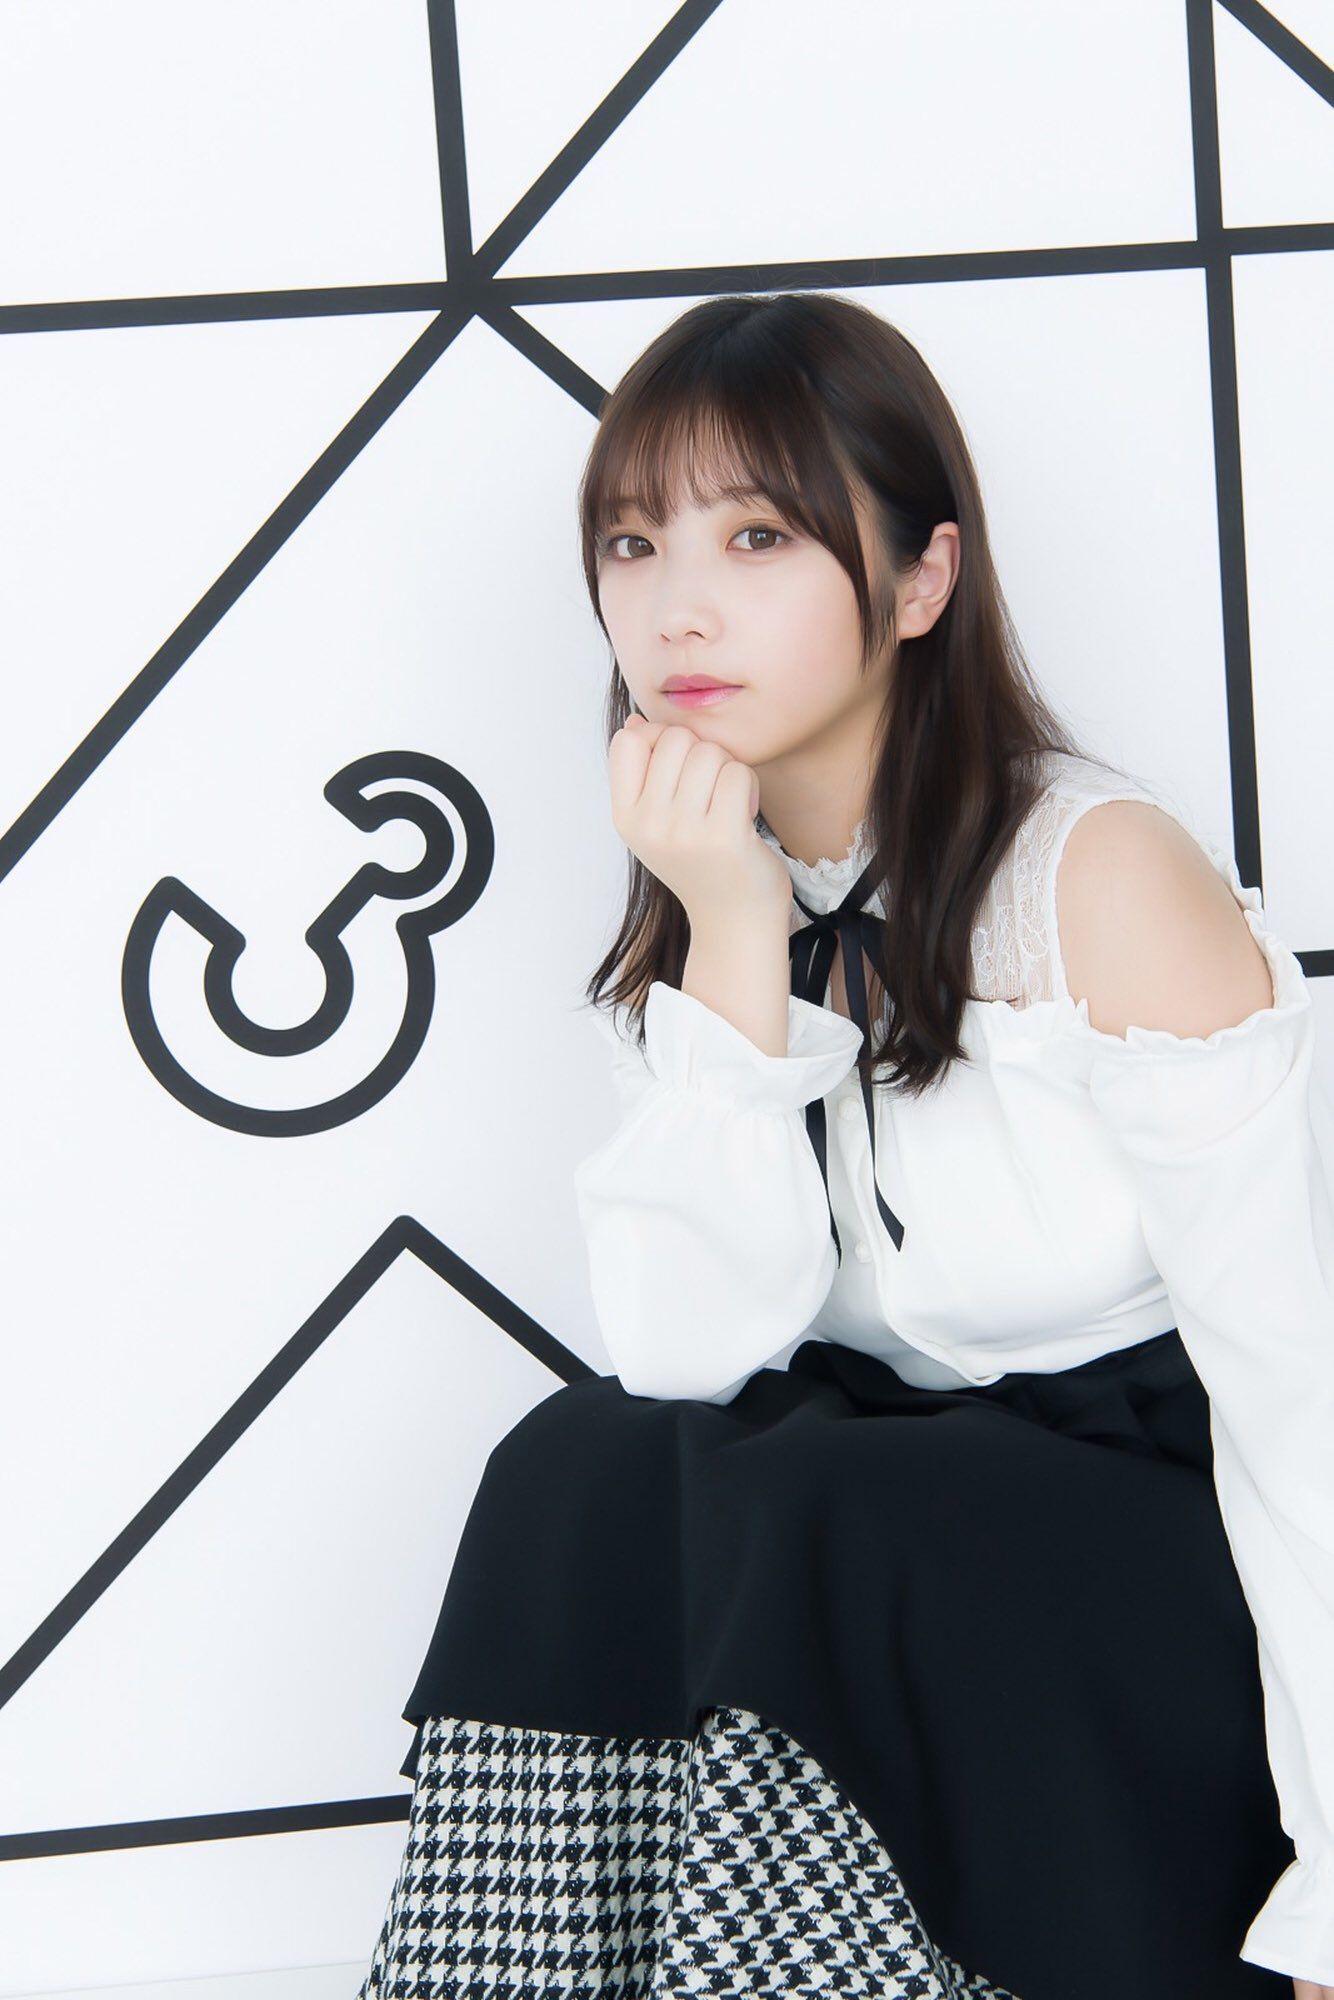 与田祐希 乃木坂46 プレイボーイ 2019 乃木坂 与田 アイドル